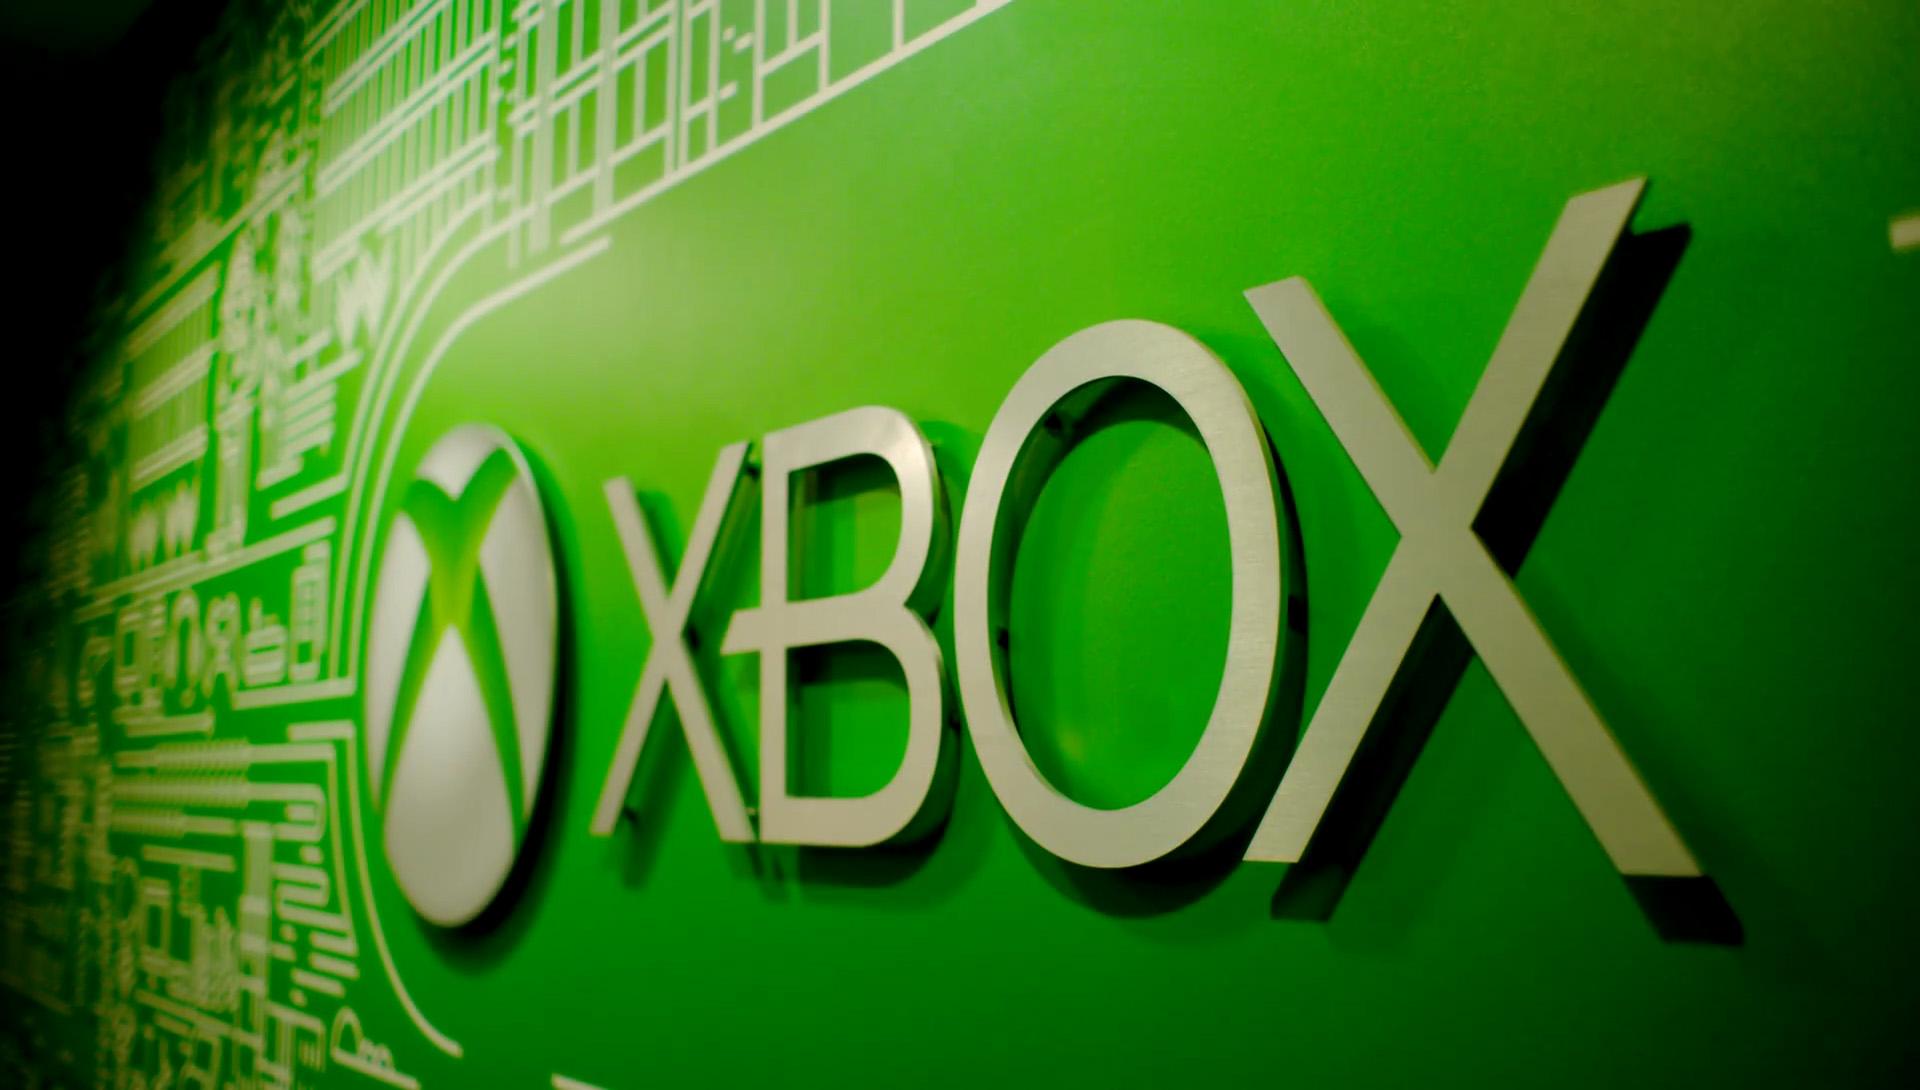 مایکروسافت کنترلرهای Xbox Adaptive مخصوص معلولین خود را رسما معرفی کرد